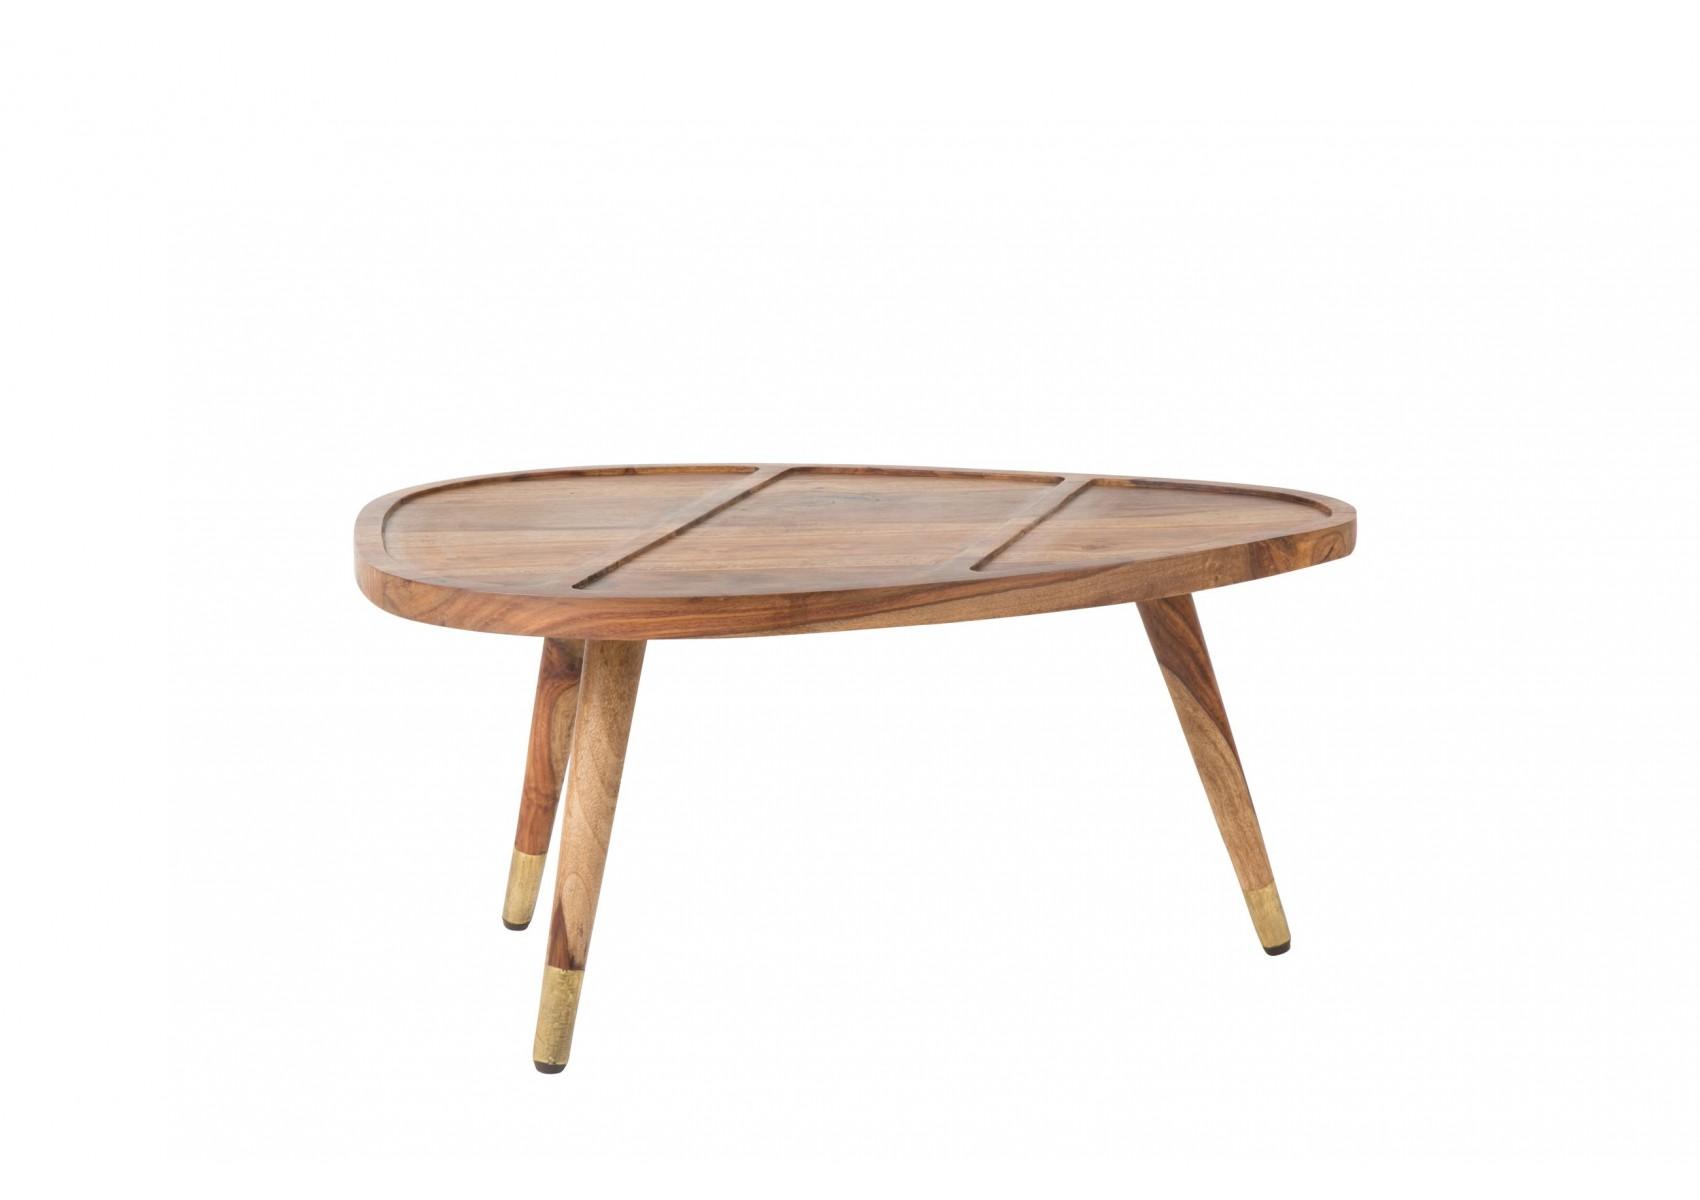 Table basse gignone sham en bois de sheesham solide et for Table basse gigogne bois